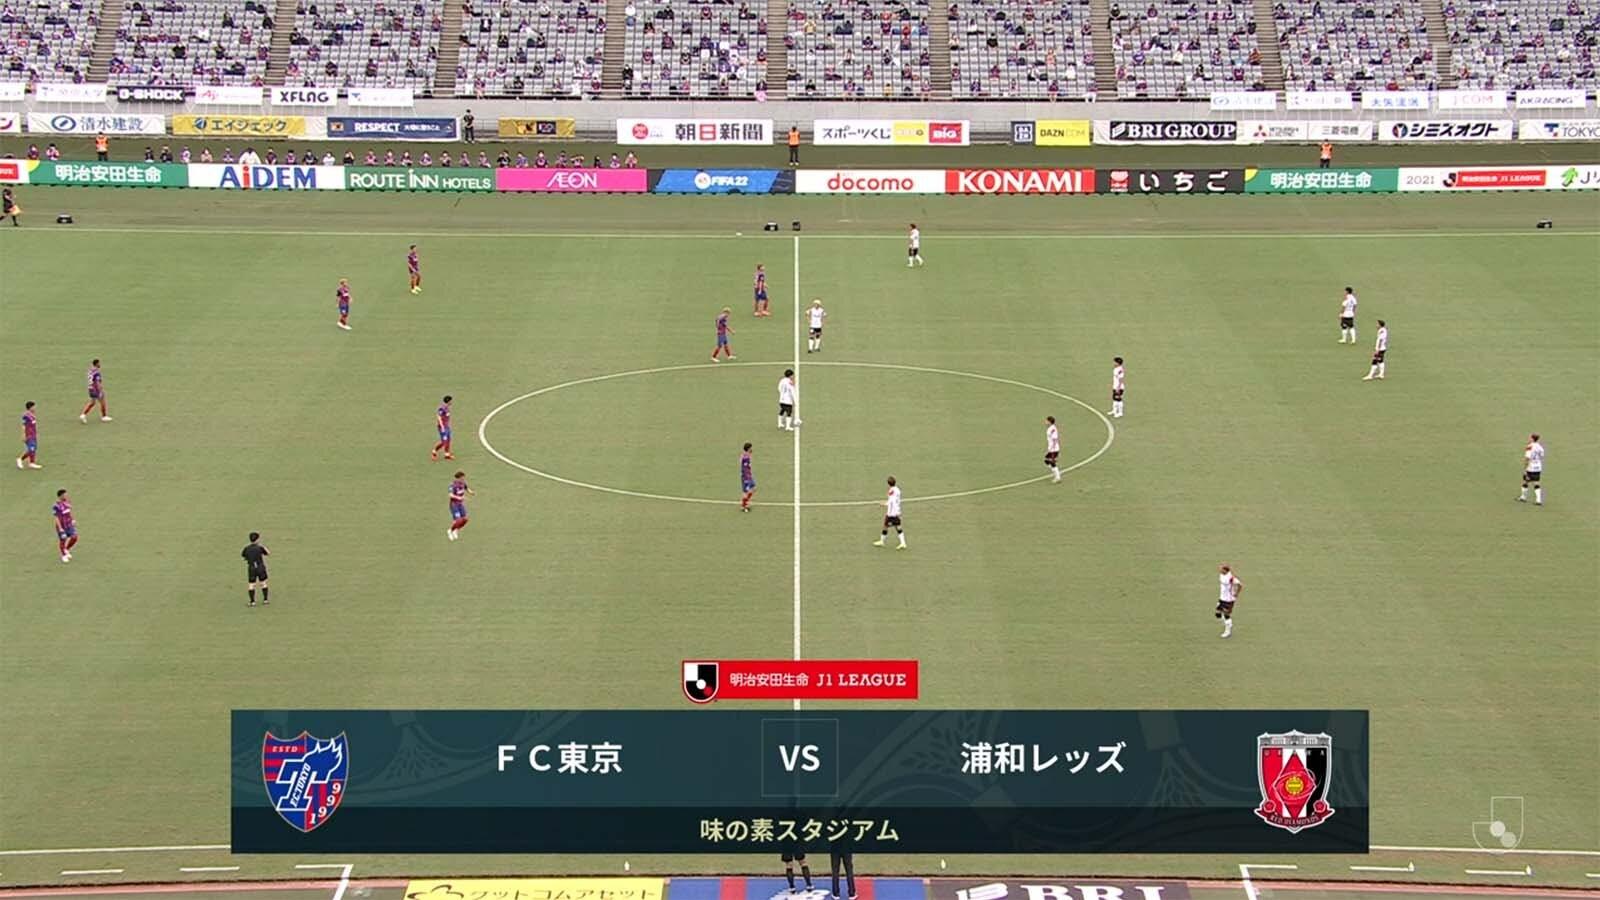 2021 Jリーグ 第30節 味の素スタジアム アウェー FC東京戦